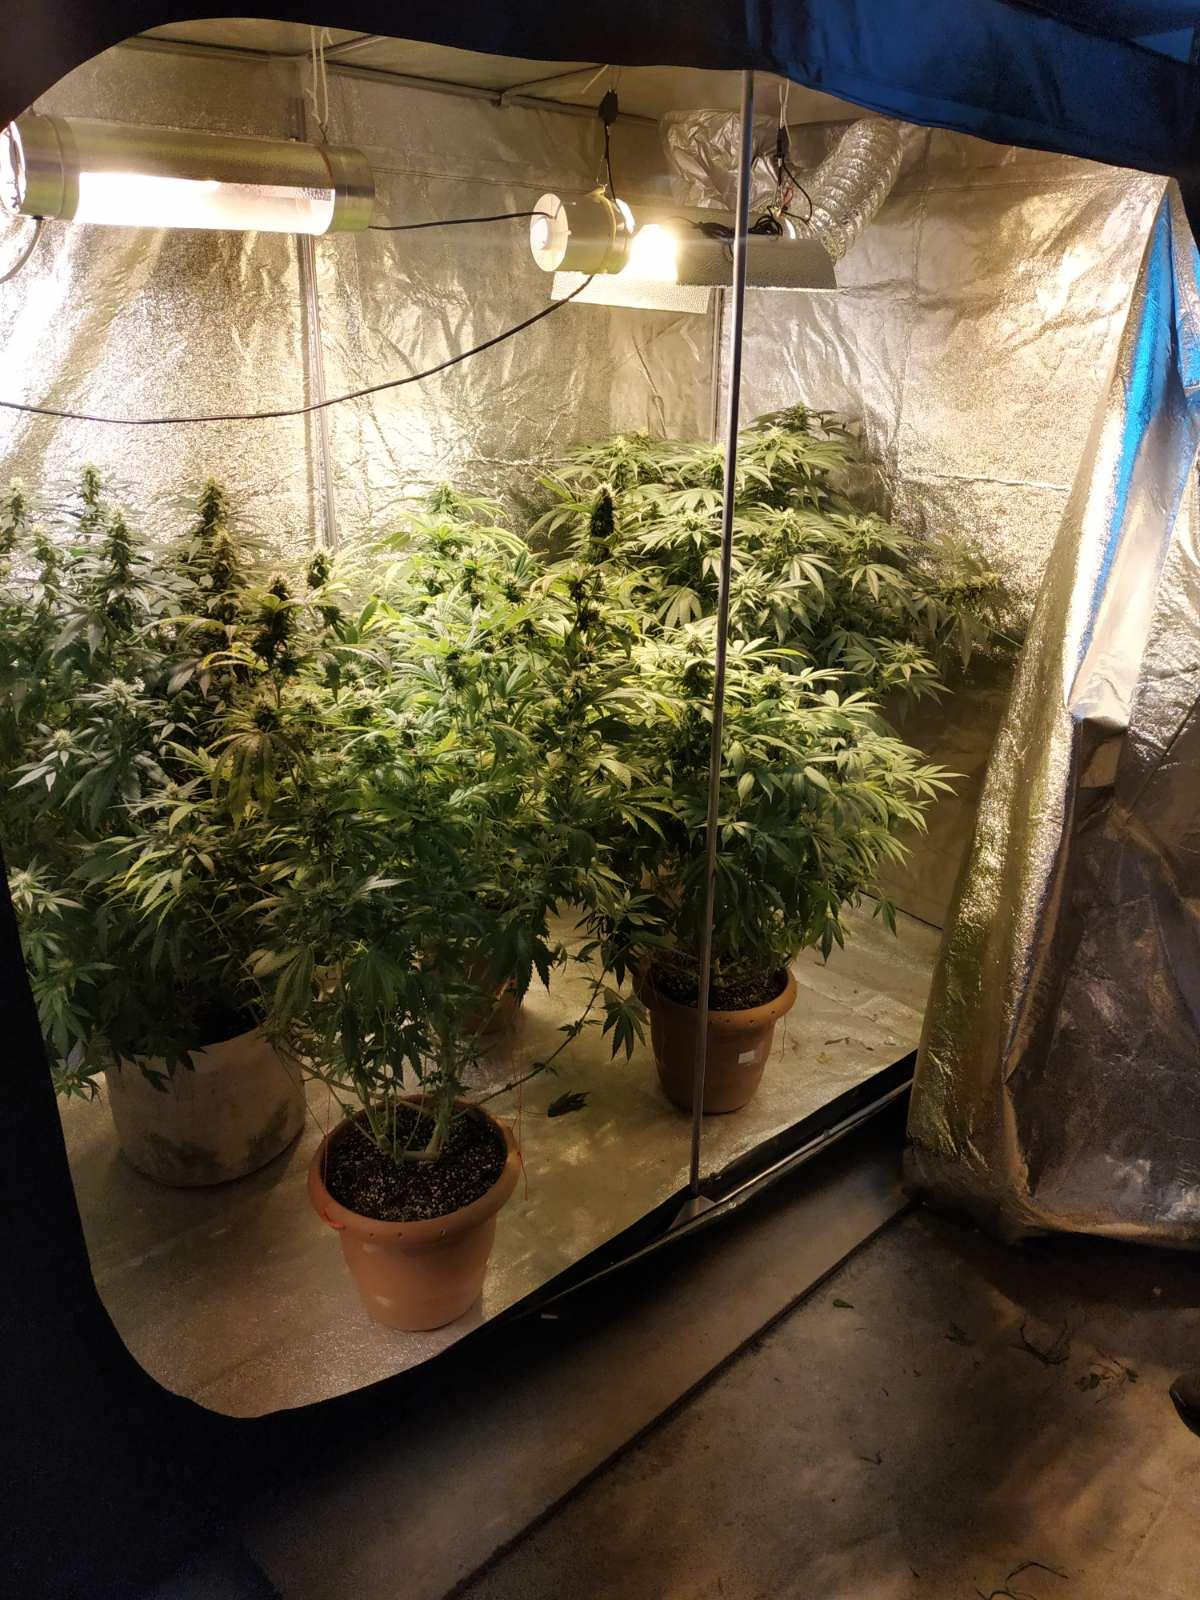 Συνελήφθησαν δύο άτομα σε περιοχή της Φλώρινας για καλλιέργεια και κατοχή ναρκωτικών ουσιών